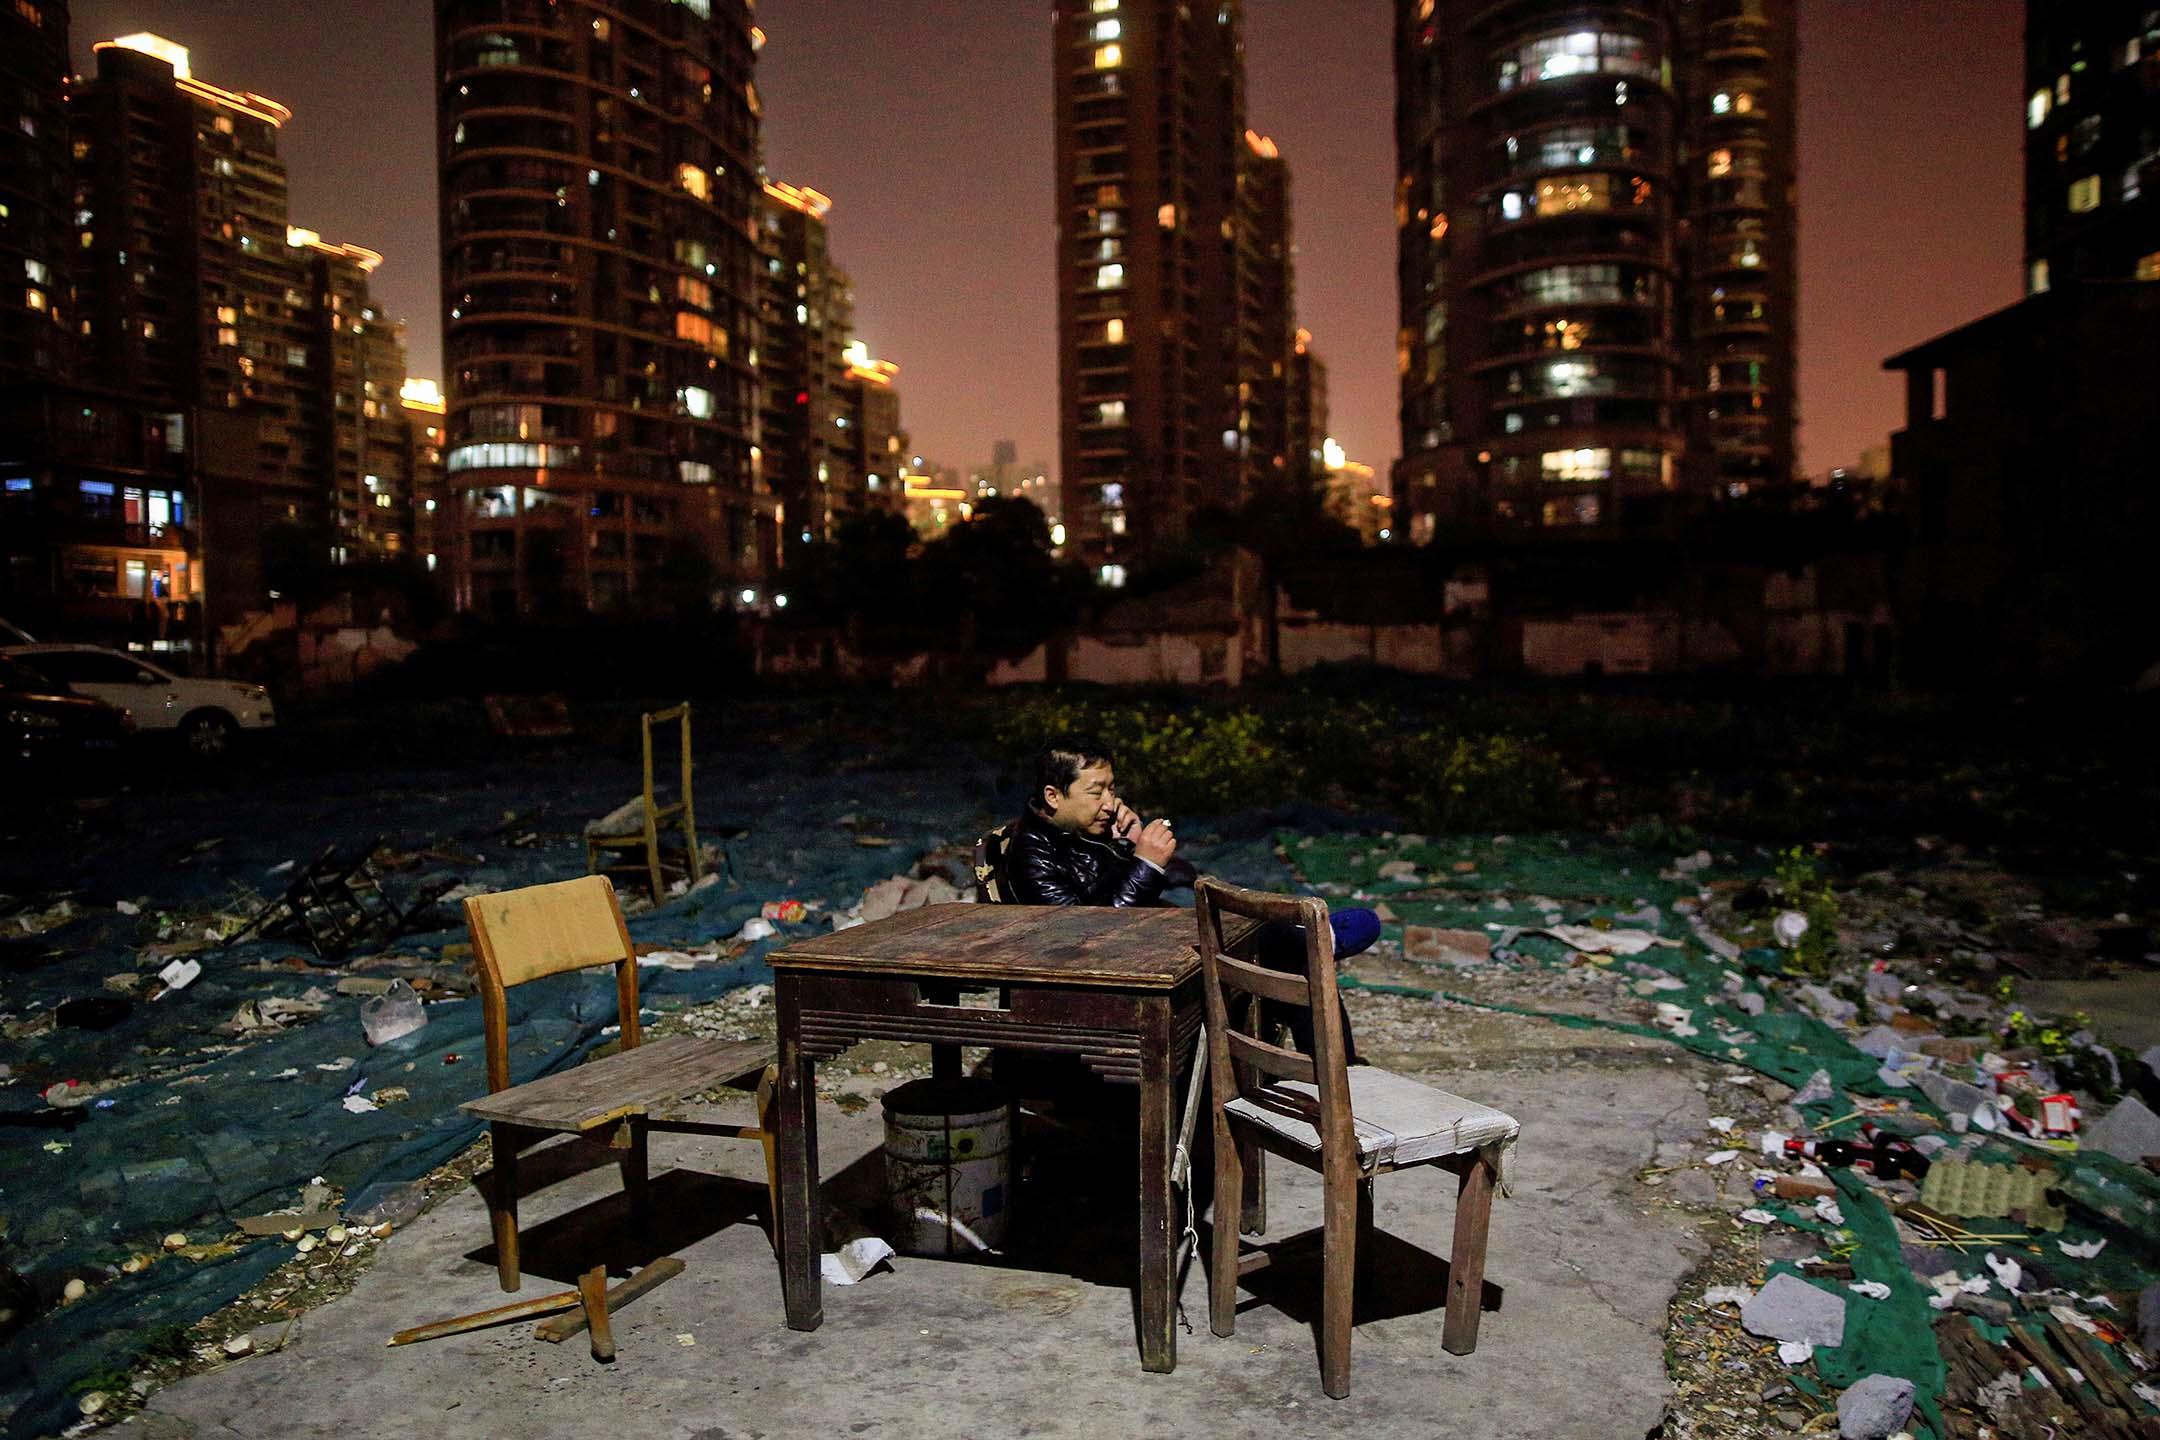 2016年4月1日中國上海,一名男子在社區住宅外使用手機。